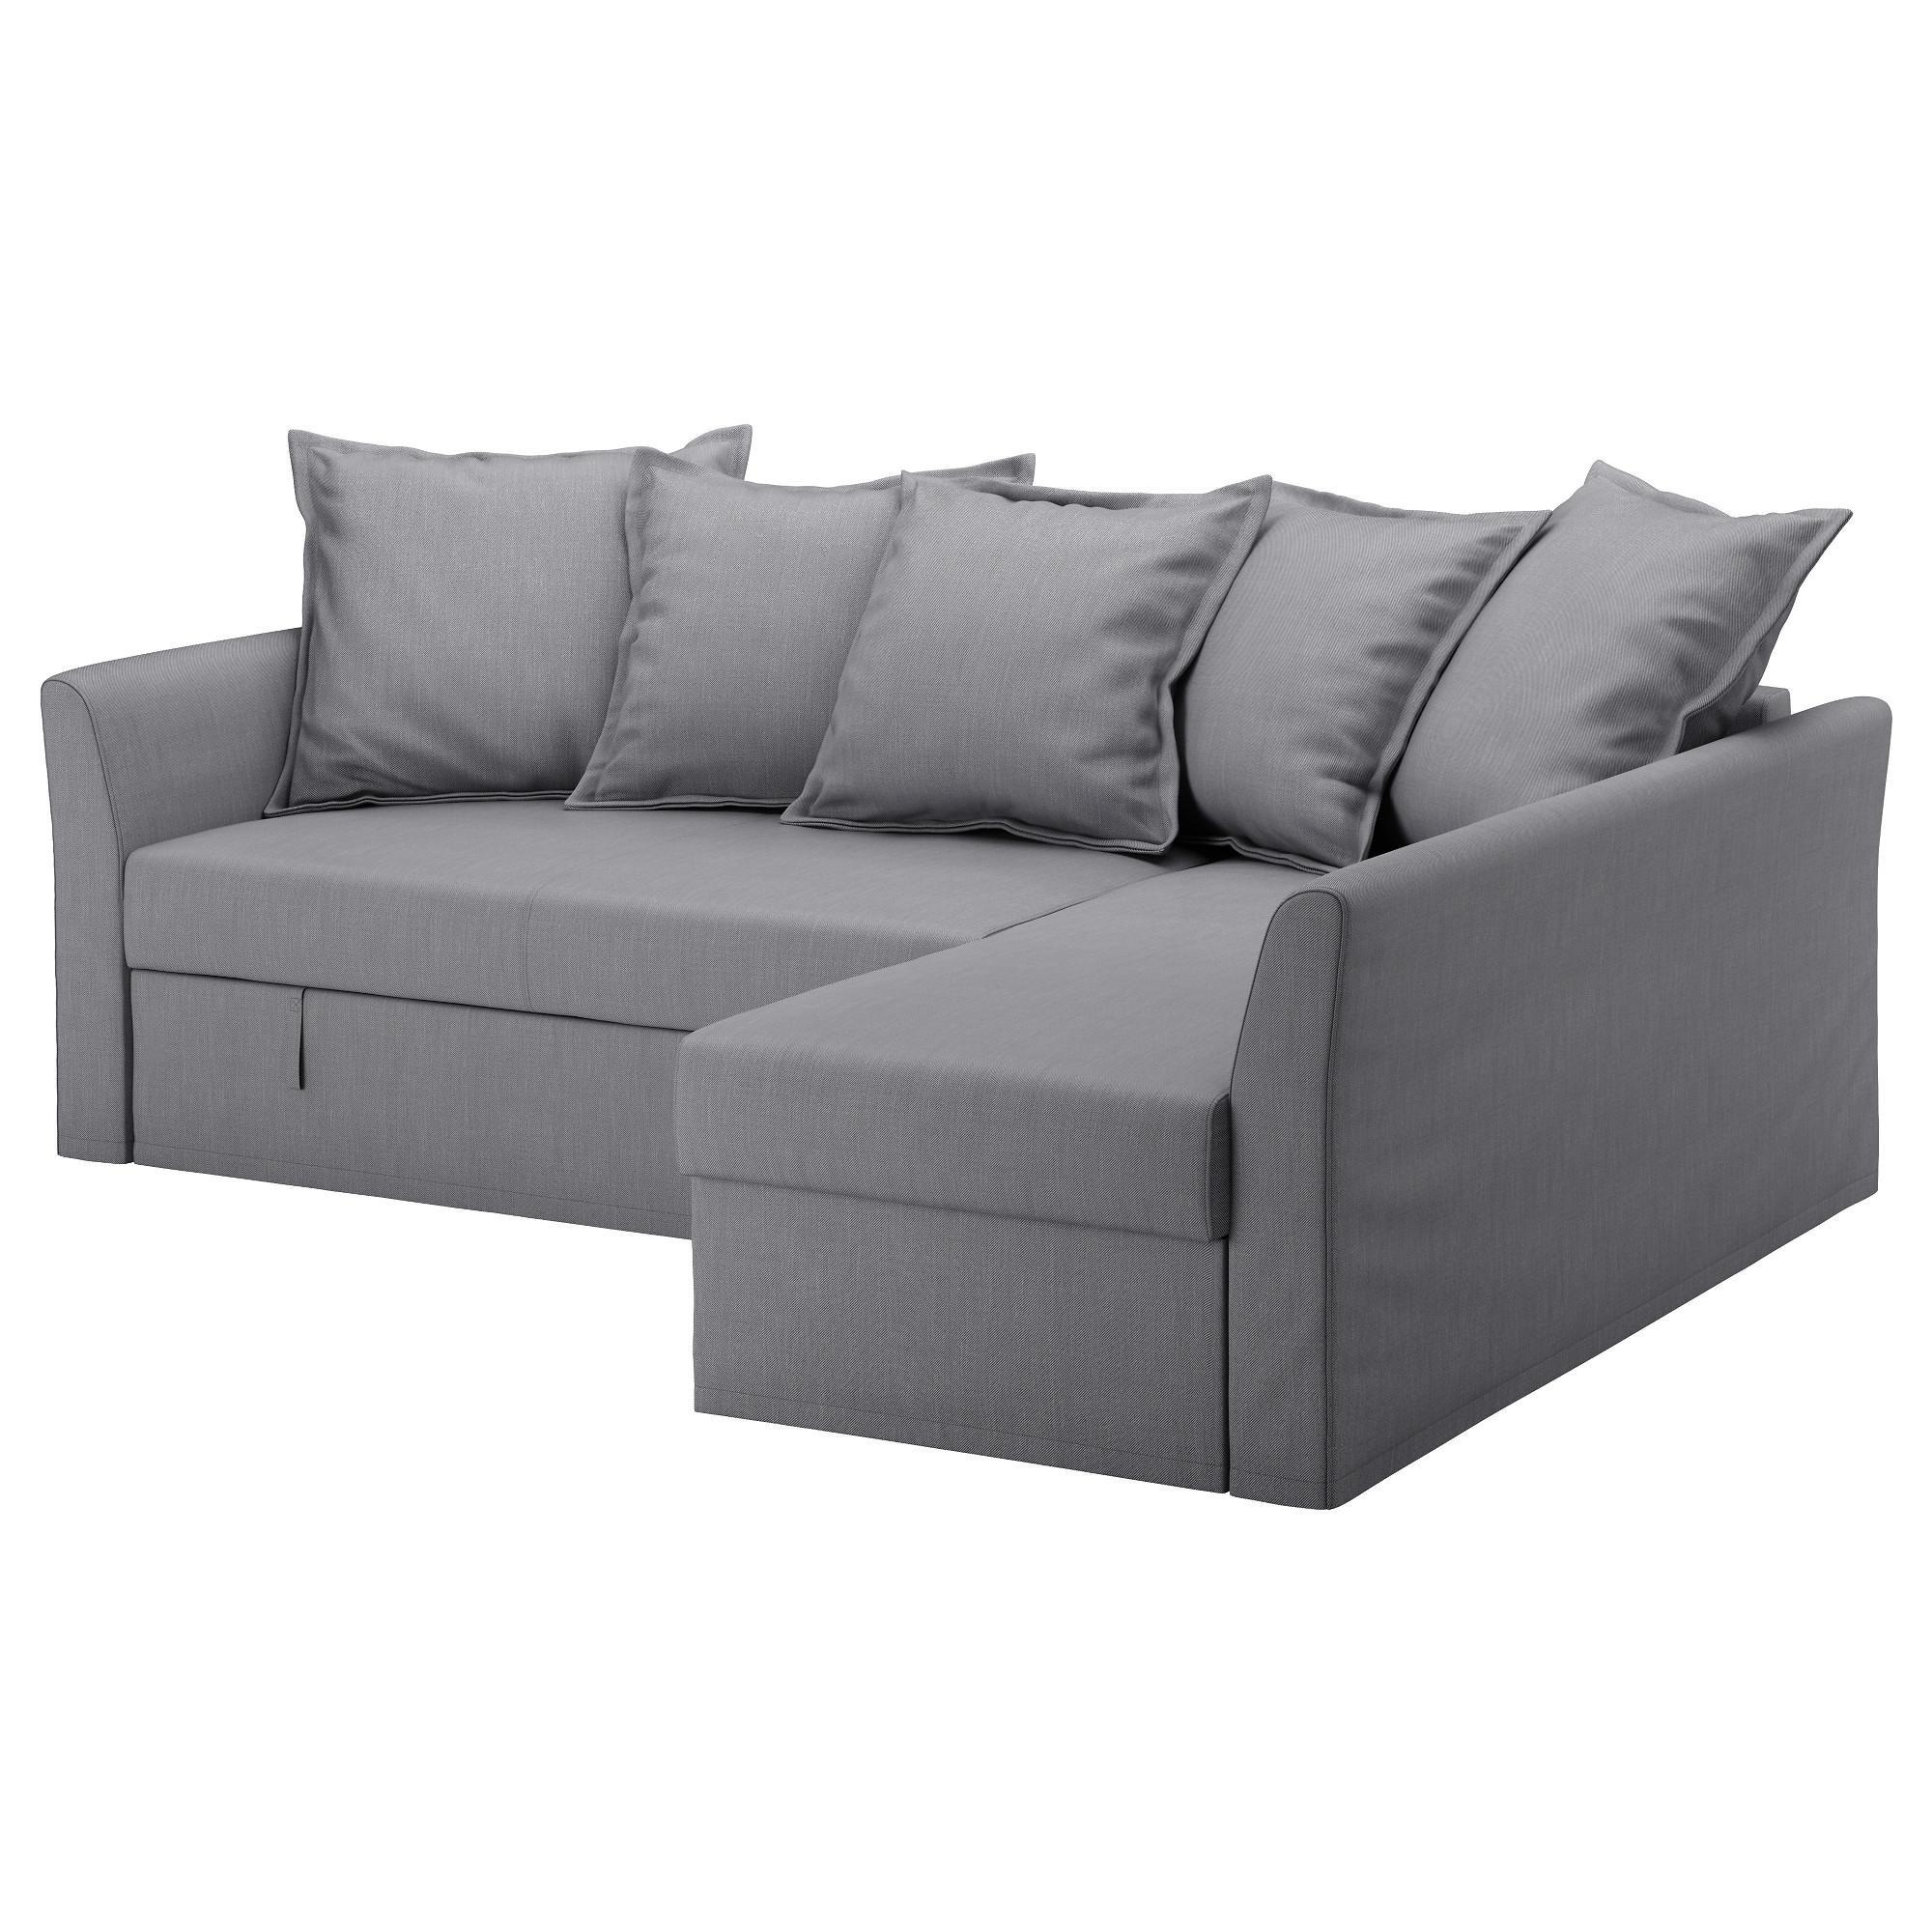 Ikea Sofa  20 Best Ikea Loveseat Sleeper Sofas